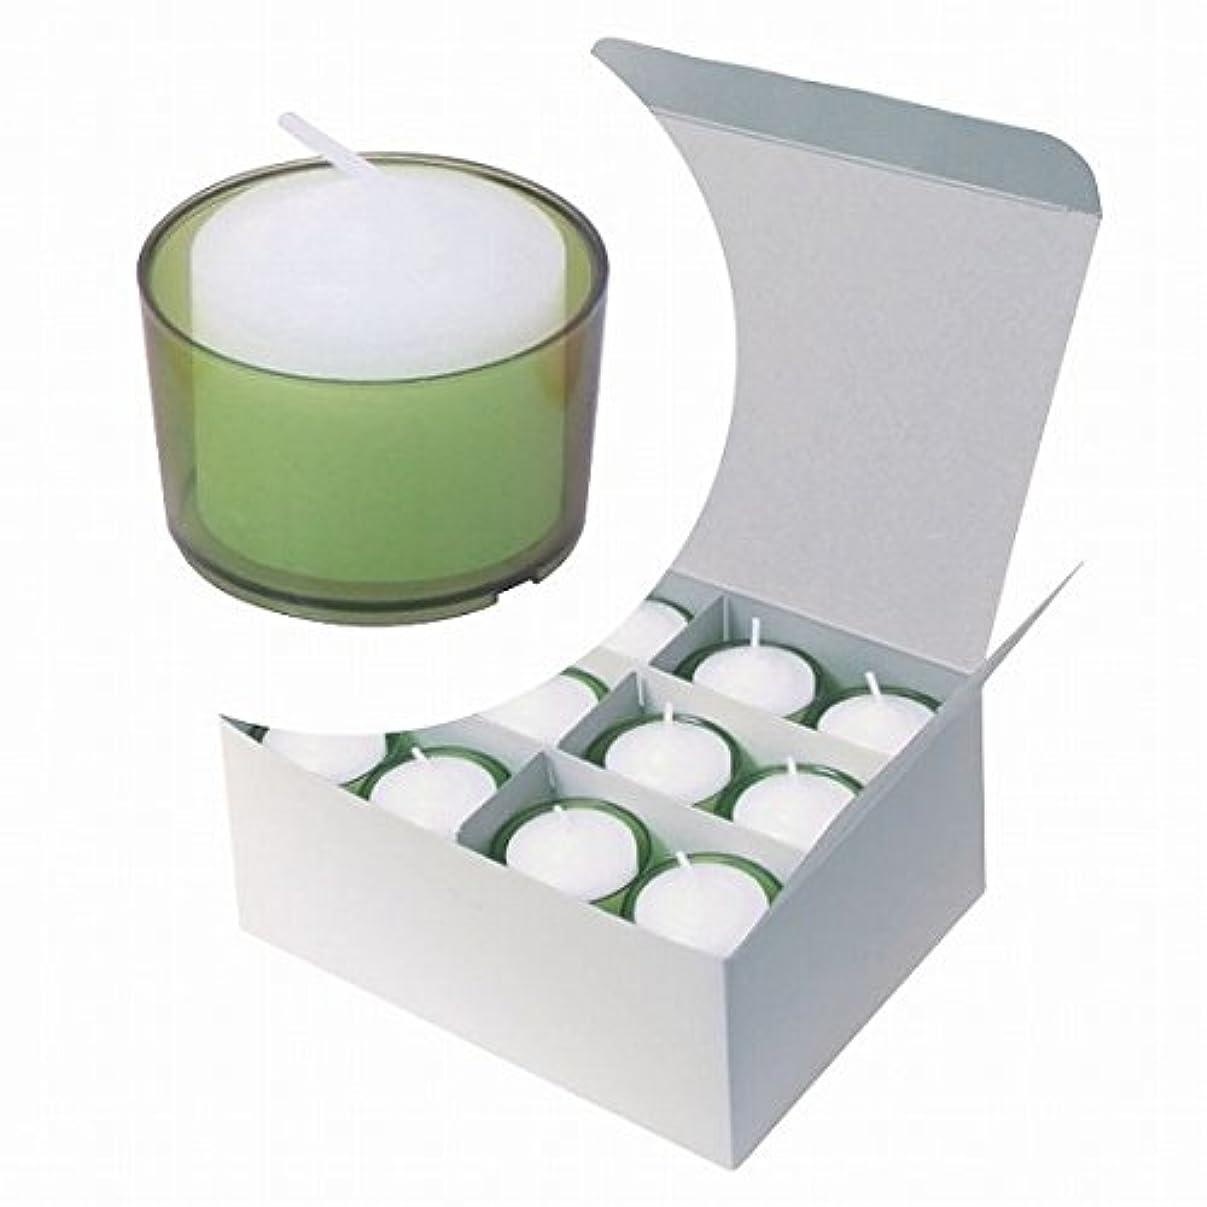 カメヤマキャンドル(kameyama candle) カラークリアカップボーティブ6時間タイプ 24個入り 「 グリーン 」